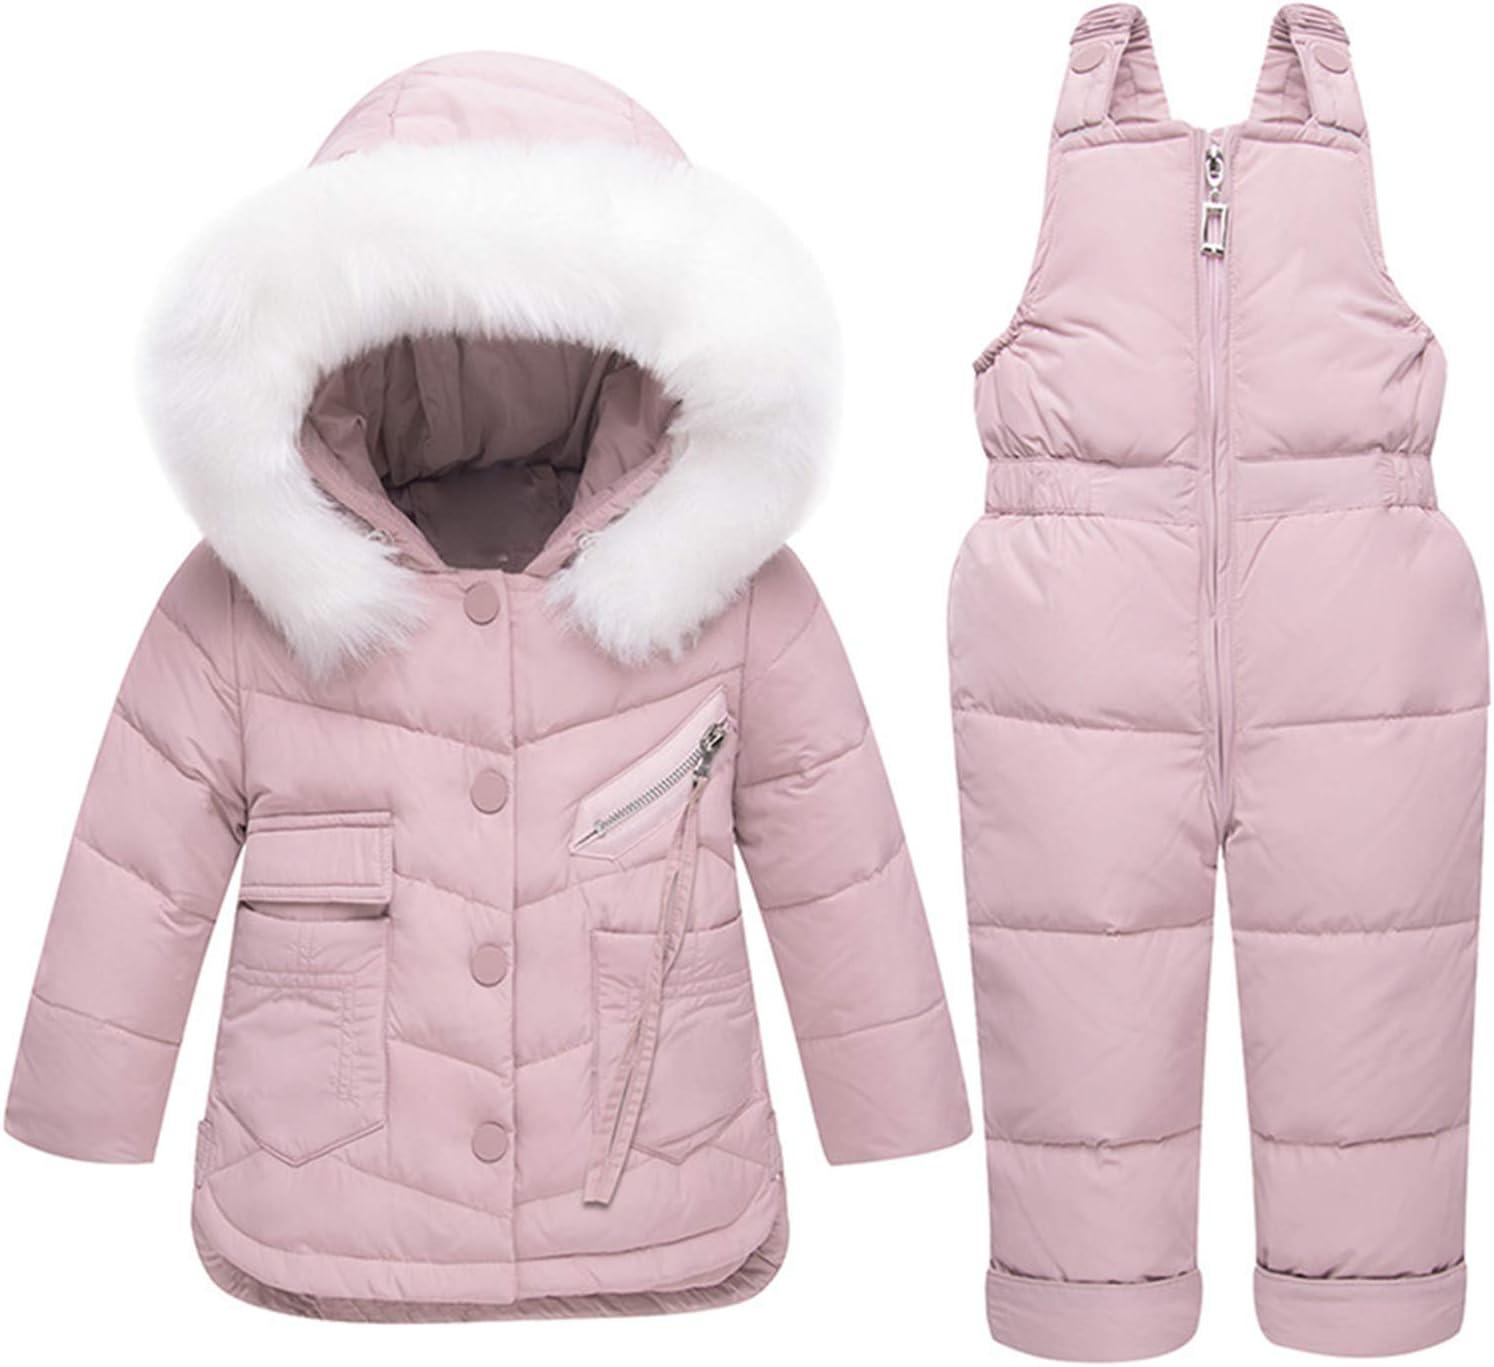 Children Jumpsuit Clothing Winter Snowsuit Kids Clothes Suit Girls Boy Down Coat Outerwear + Romper Clothing Set Children's Warm Jackets Bib Pants